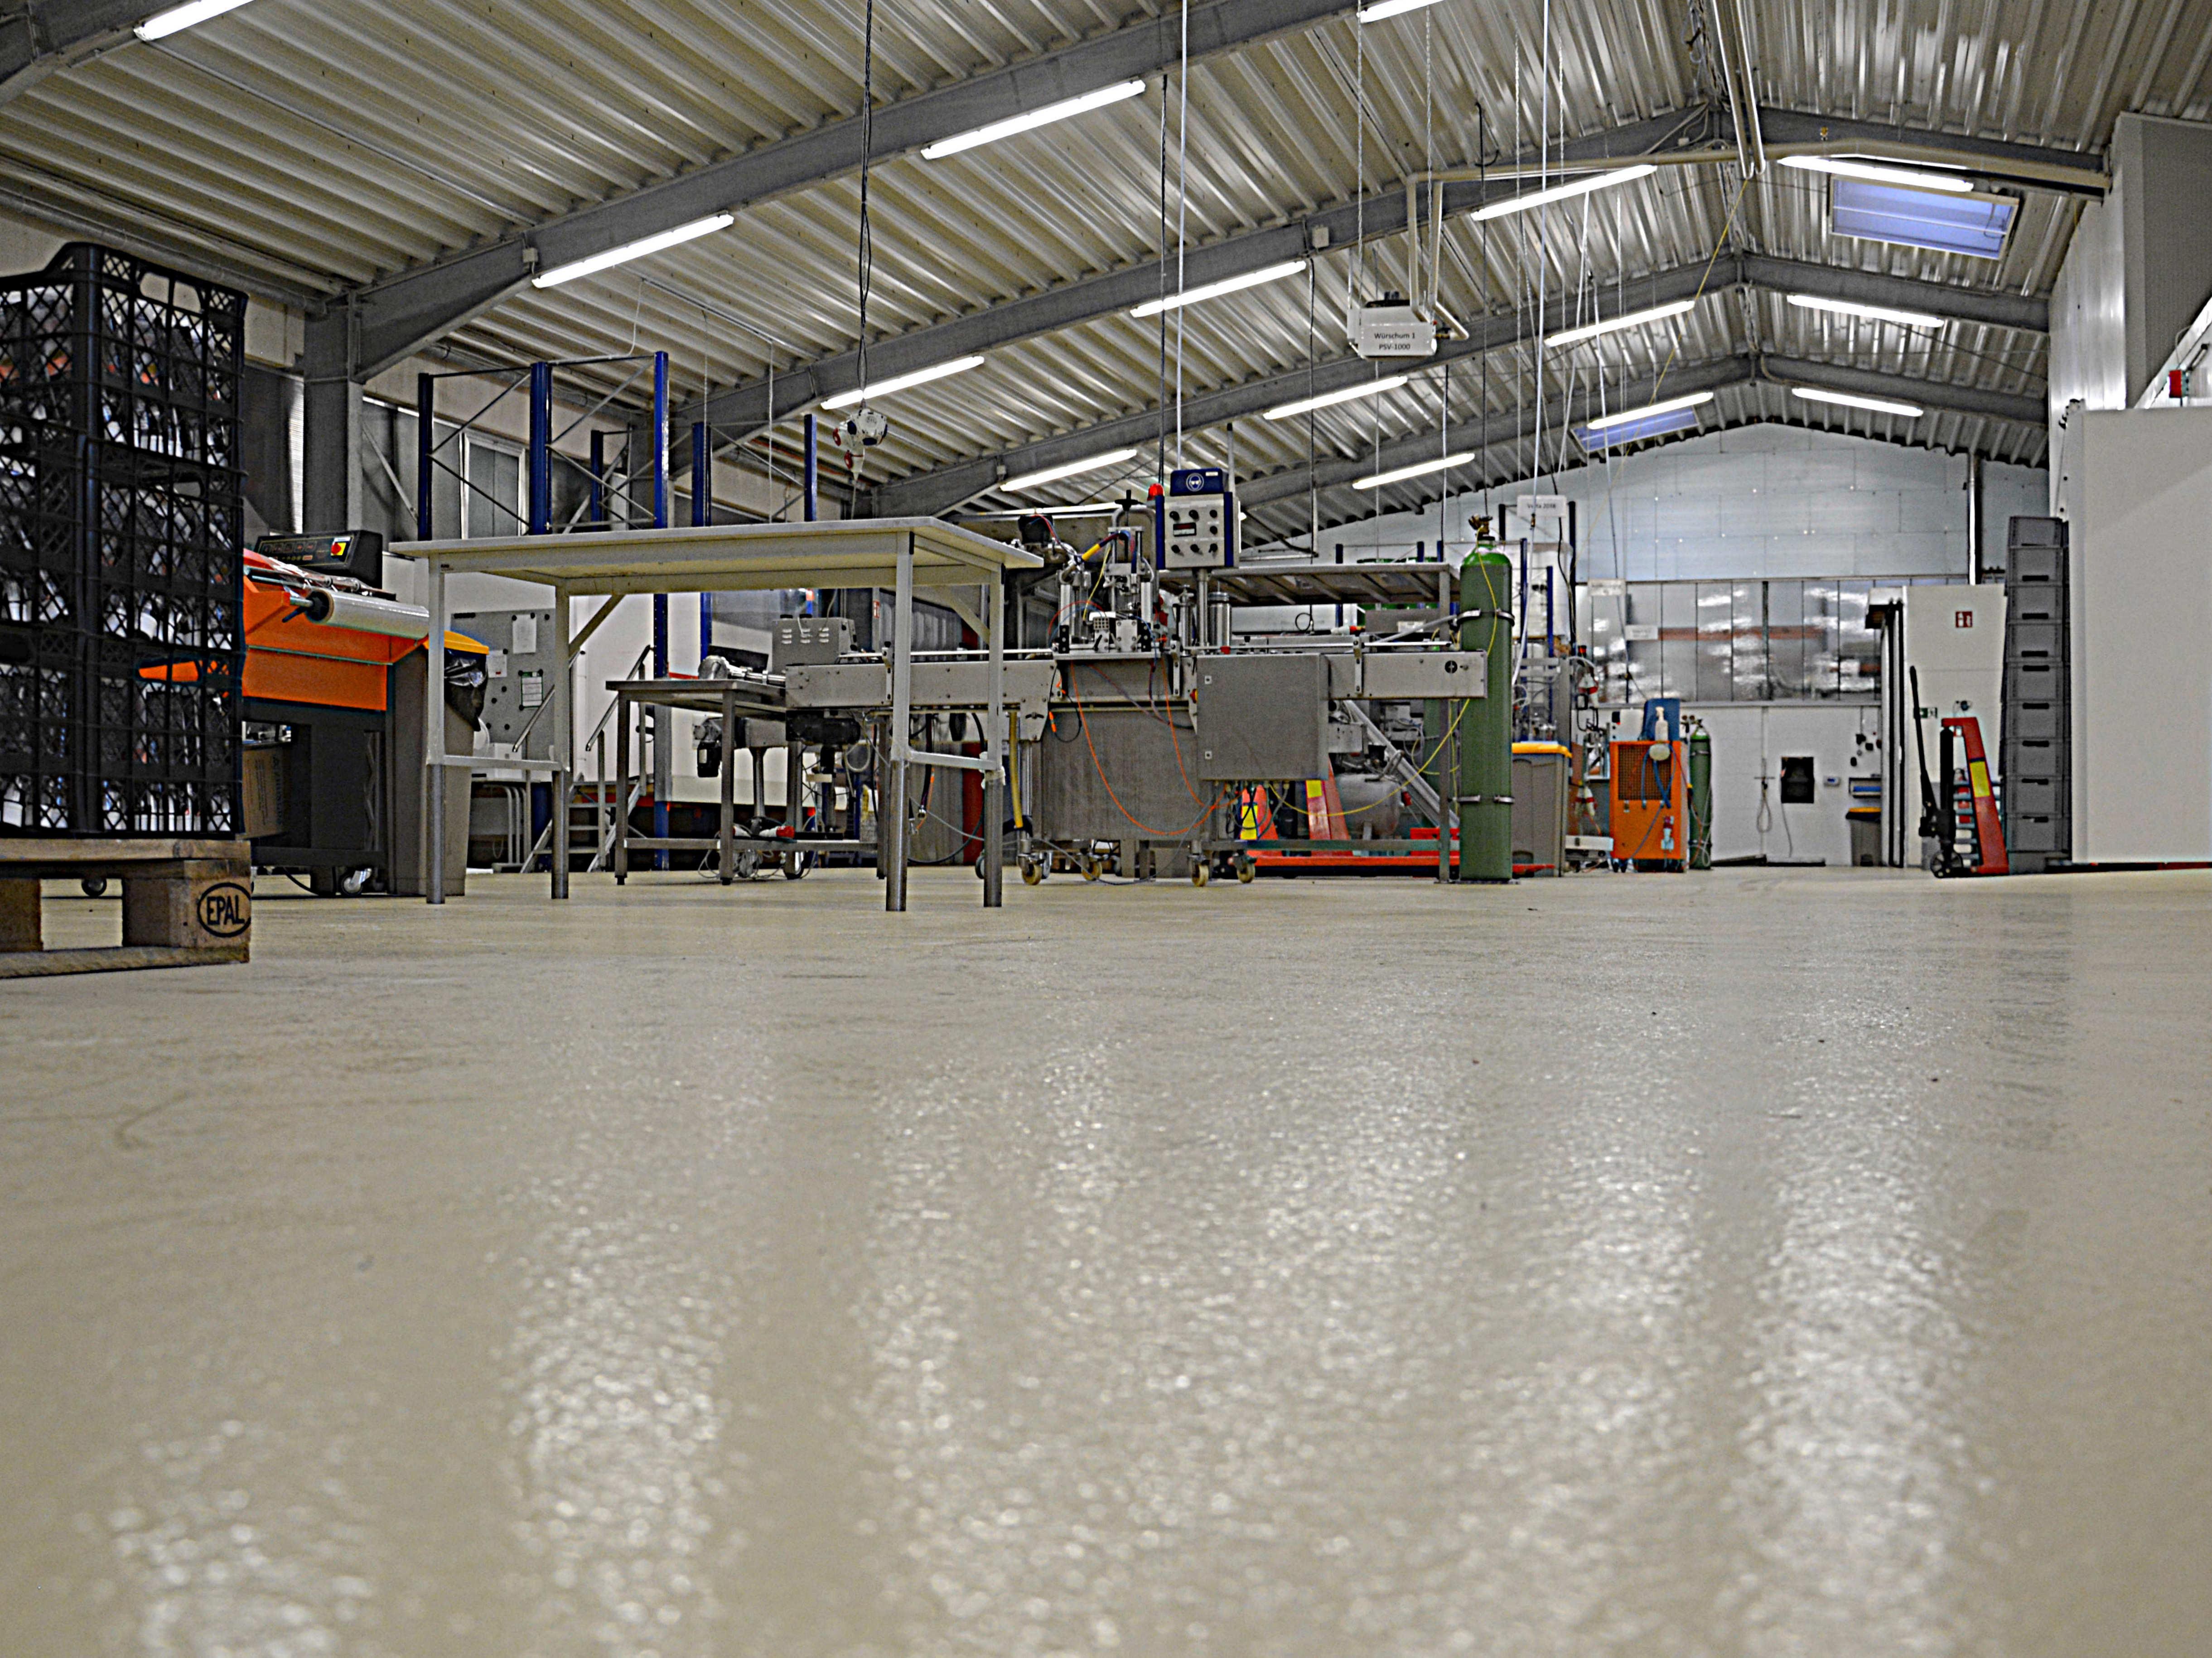 Fussbodensanierung Mit Epoxidharzboden Fressnapf